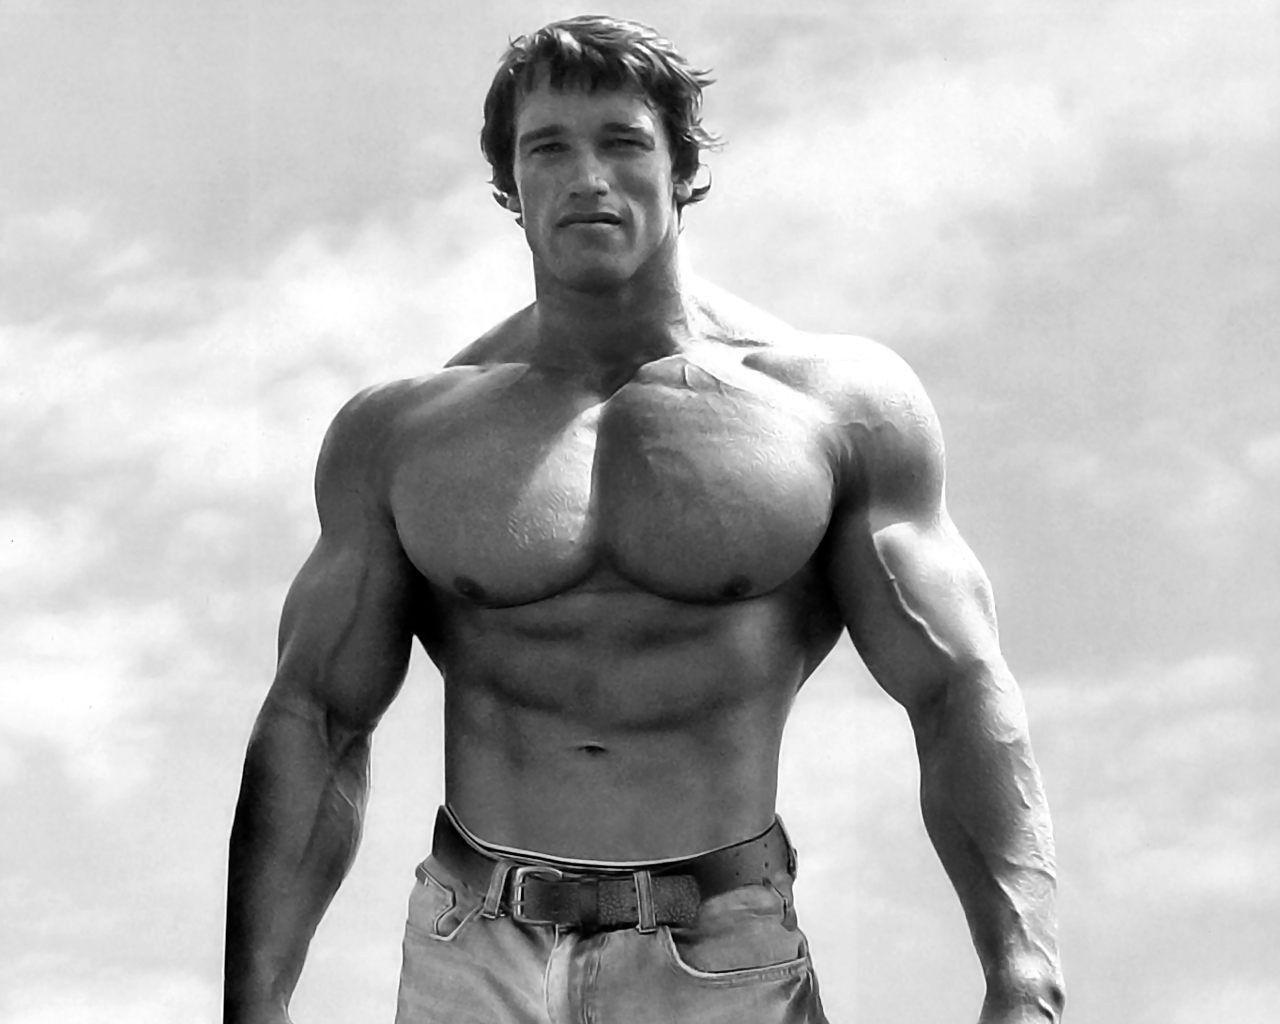 Muscle Guys Men Arnold Schwarzenegger Muscles Muscular Fresh New